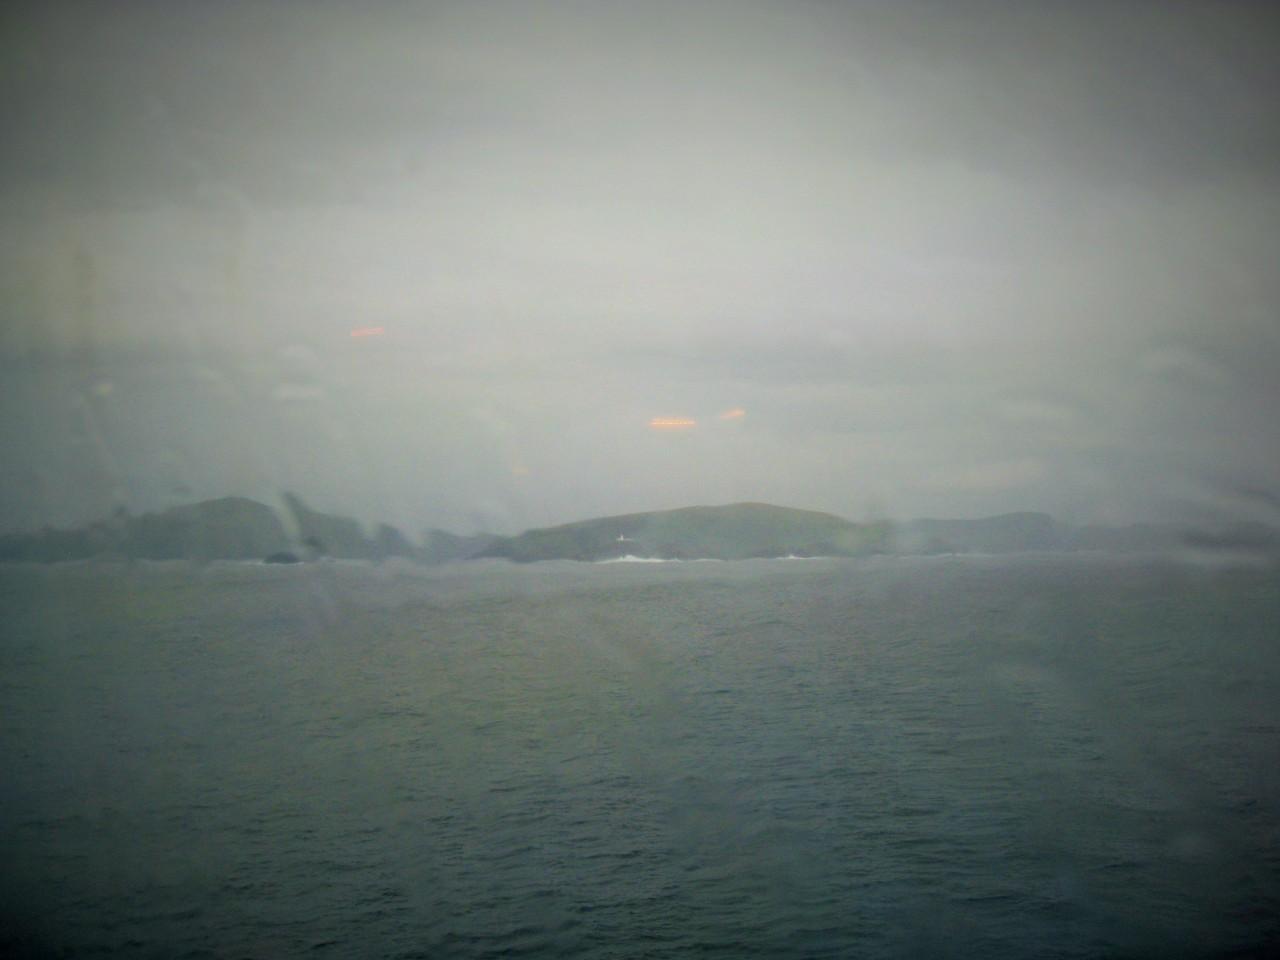 Shetlandic